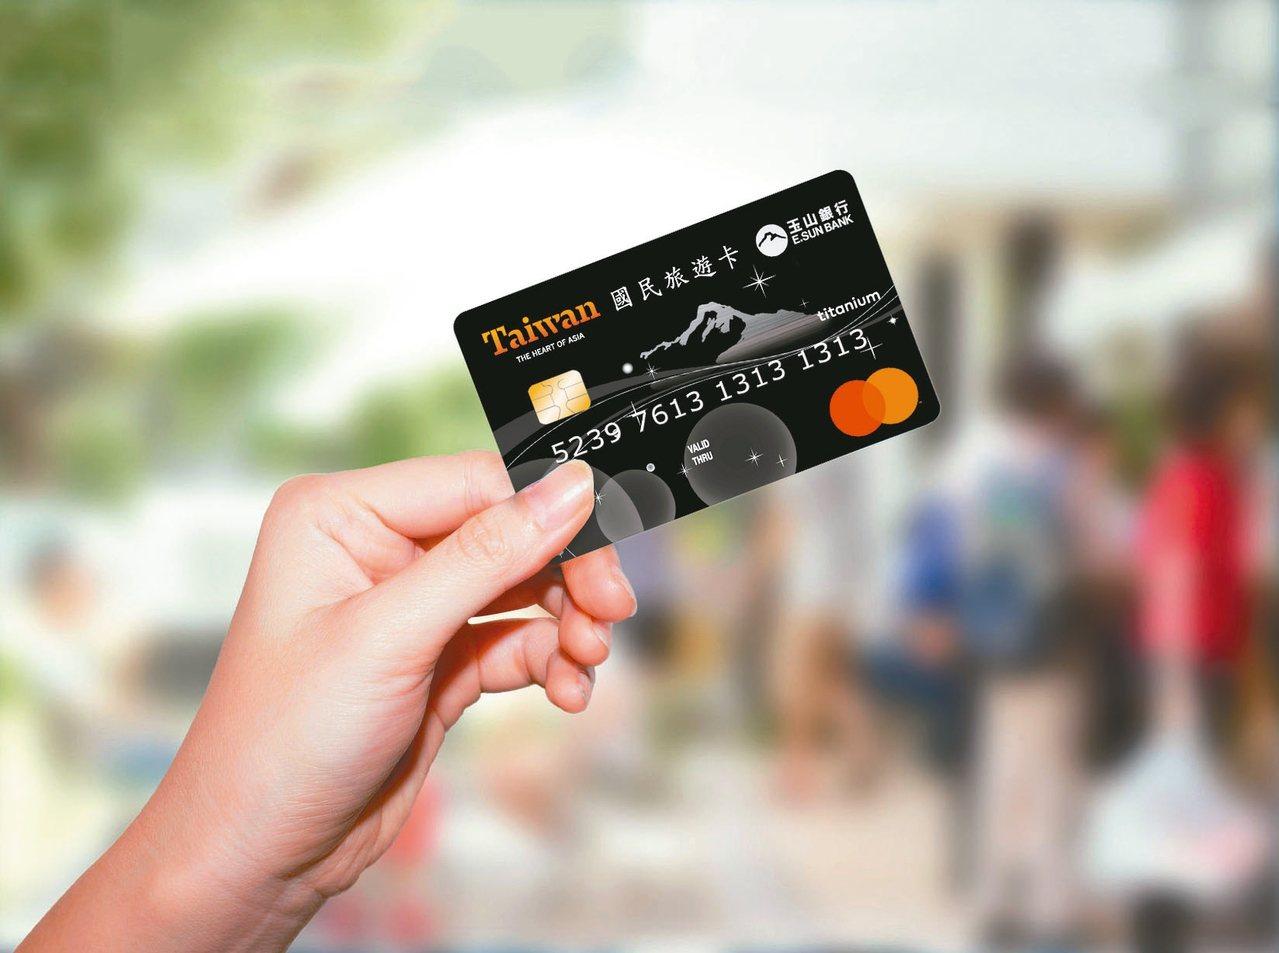 玉山國民旅遊卡明年推出新優惠,現金回饋最高2%。 圖/玉山銀行提供